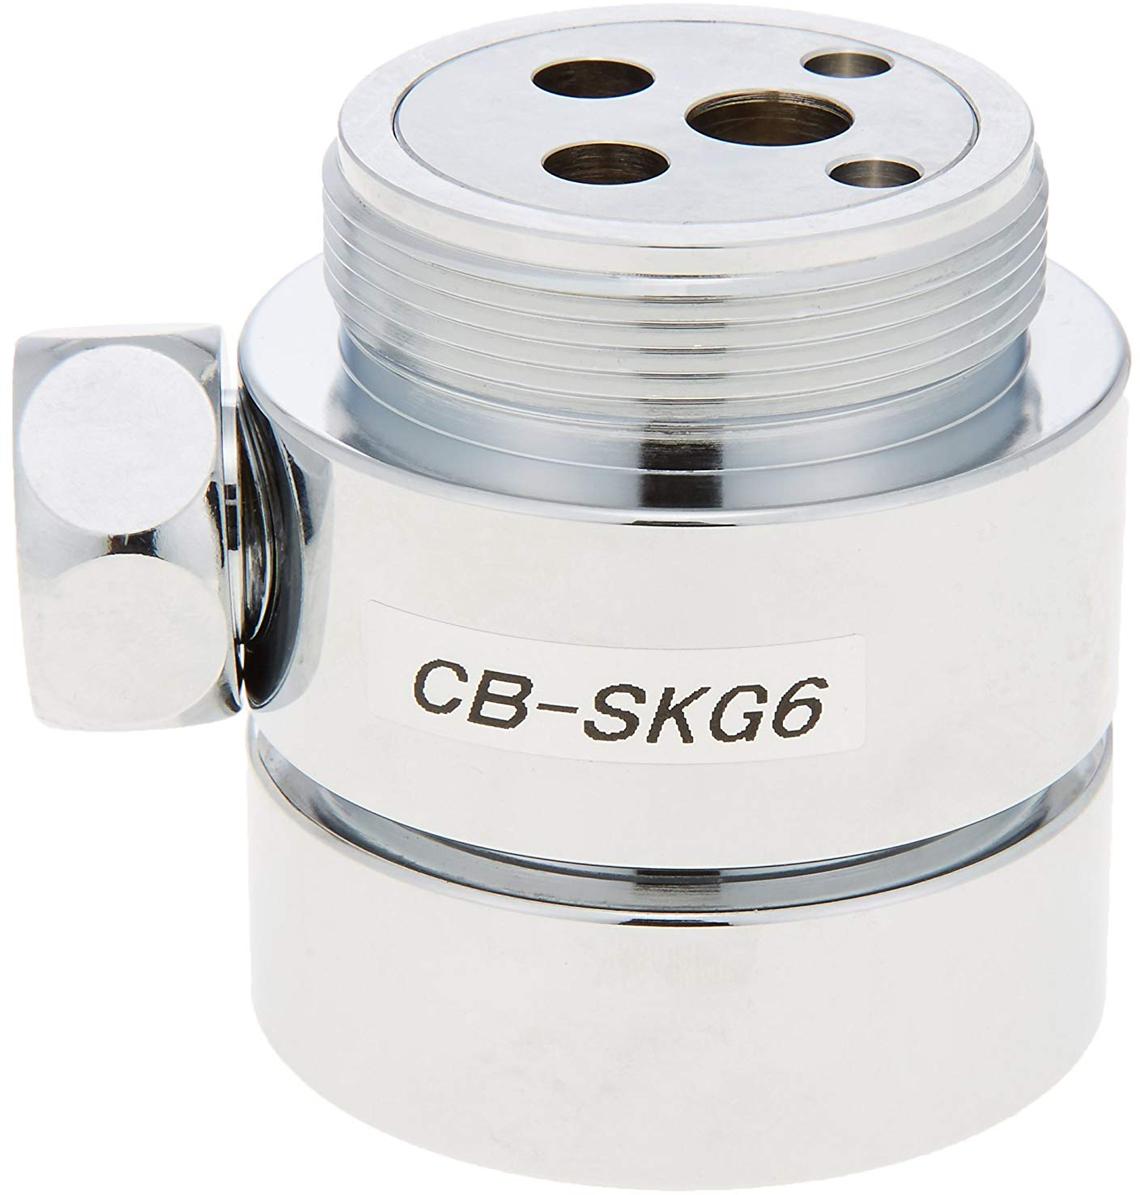 ◆在庫有り!台数限定!パナソニック 分岐水栓【CB-SKG6】KVK社用